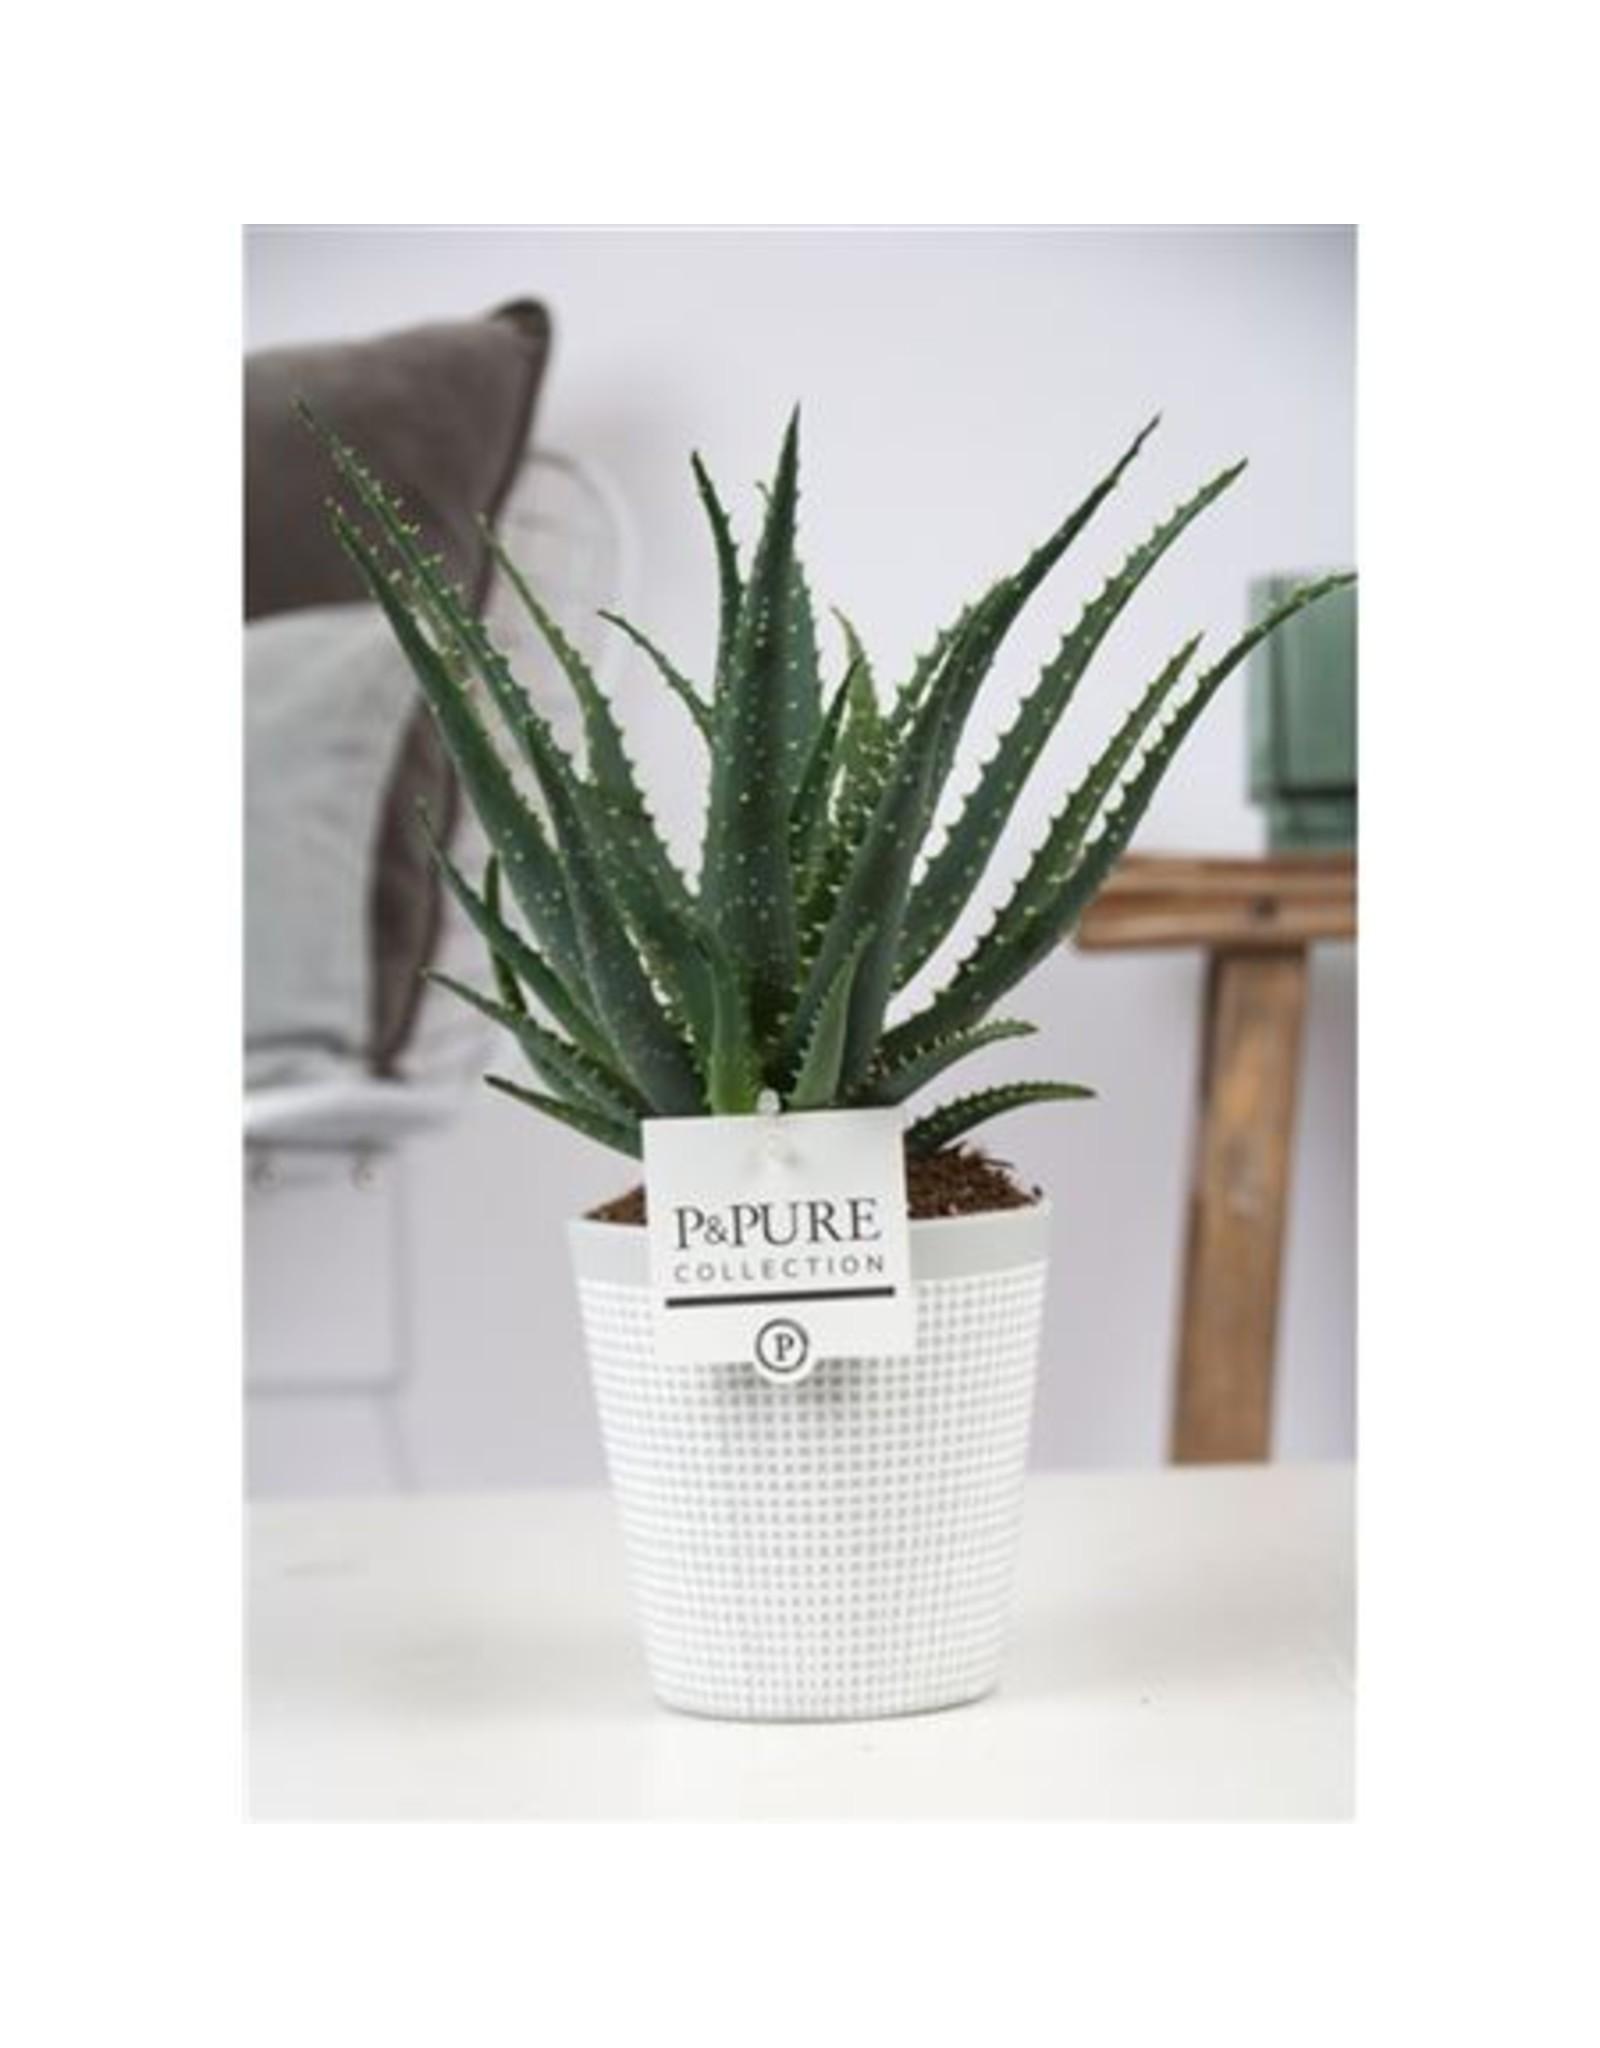 VDP Aloe Arborescens In Pure Clay Ii Grey x 6